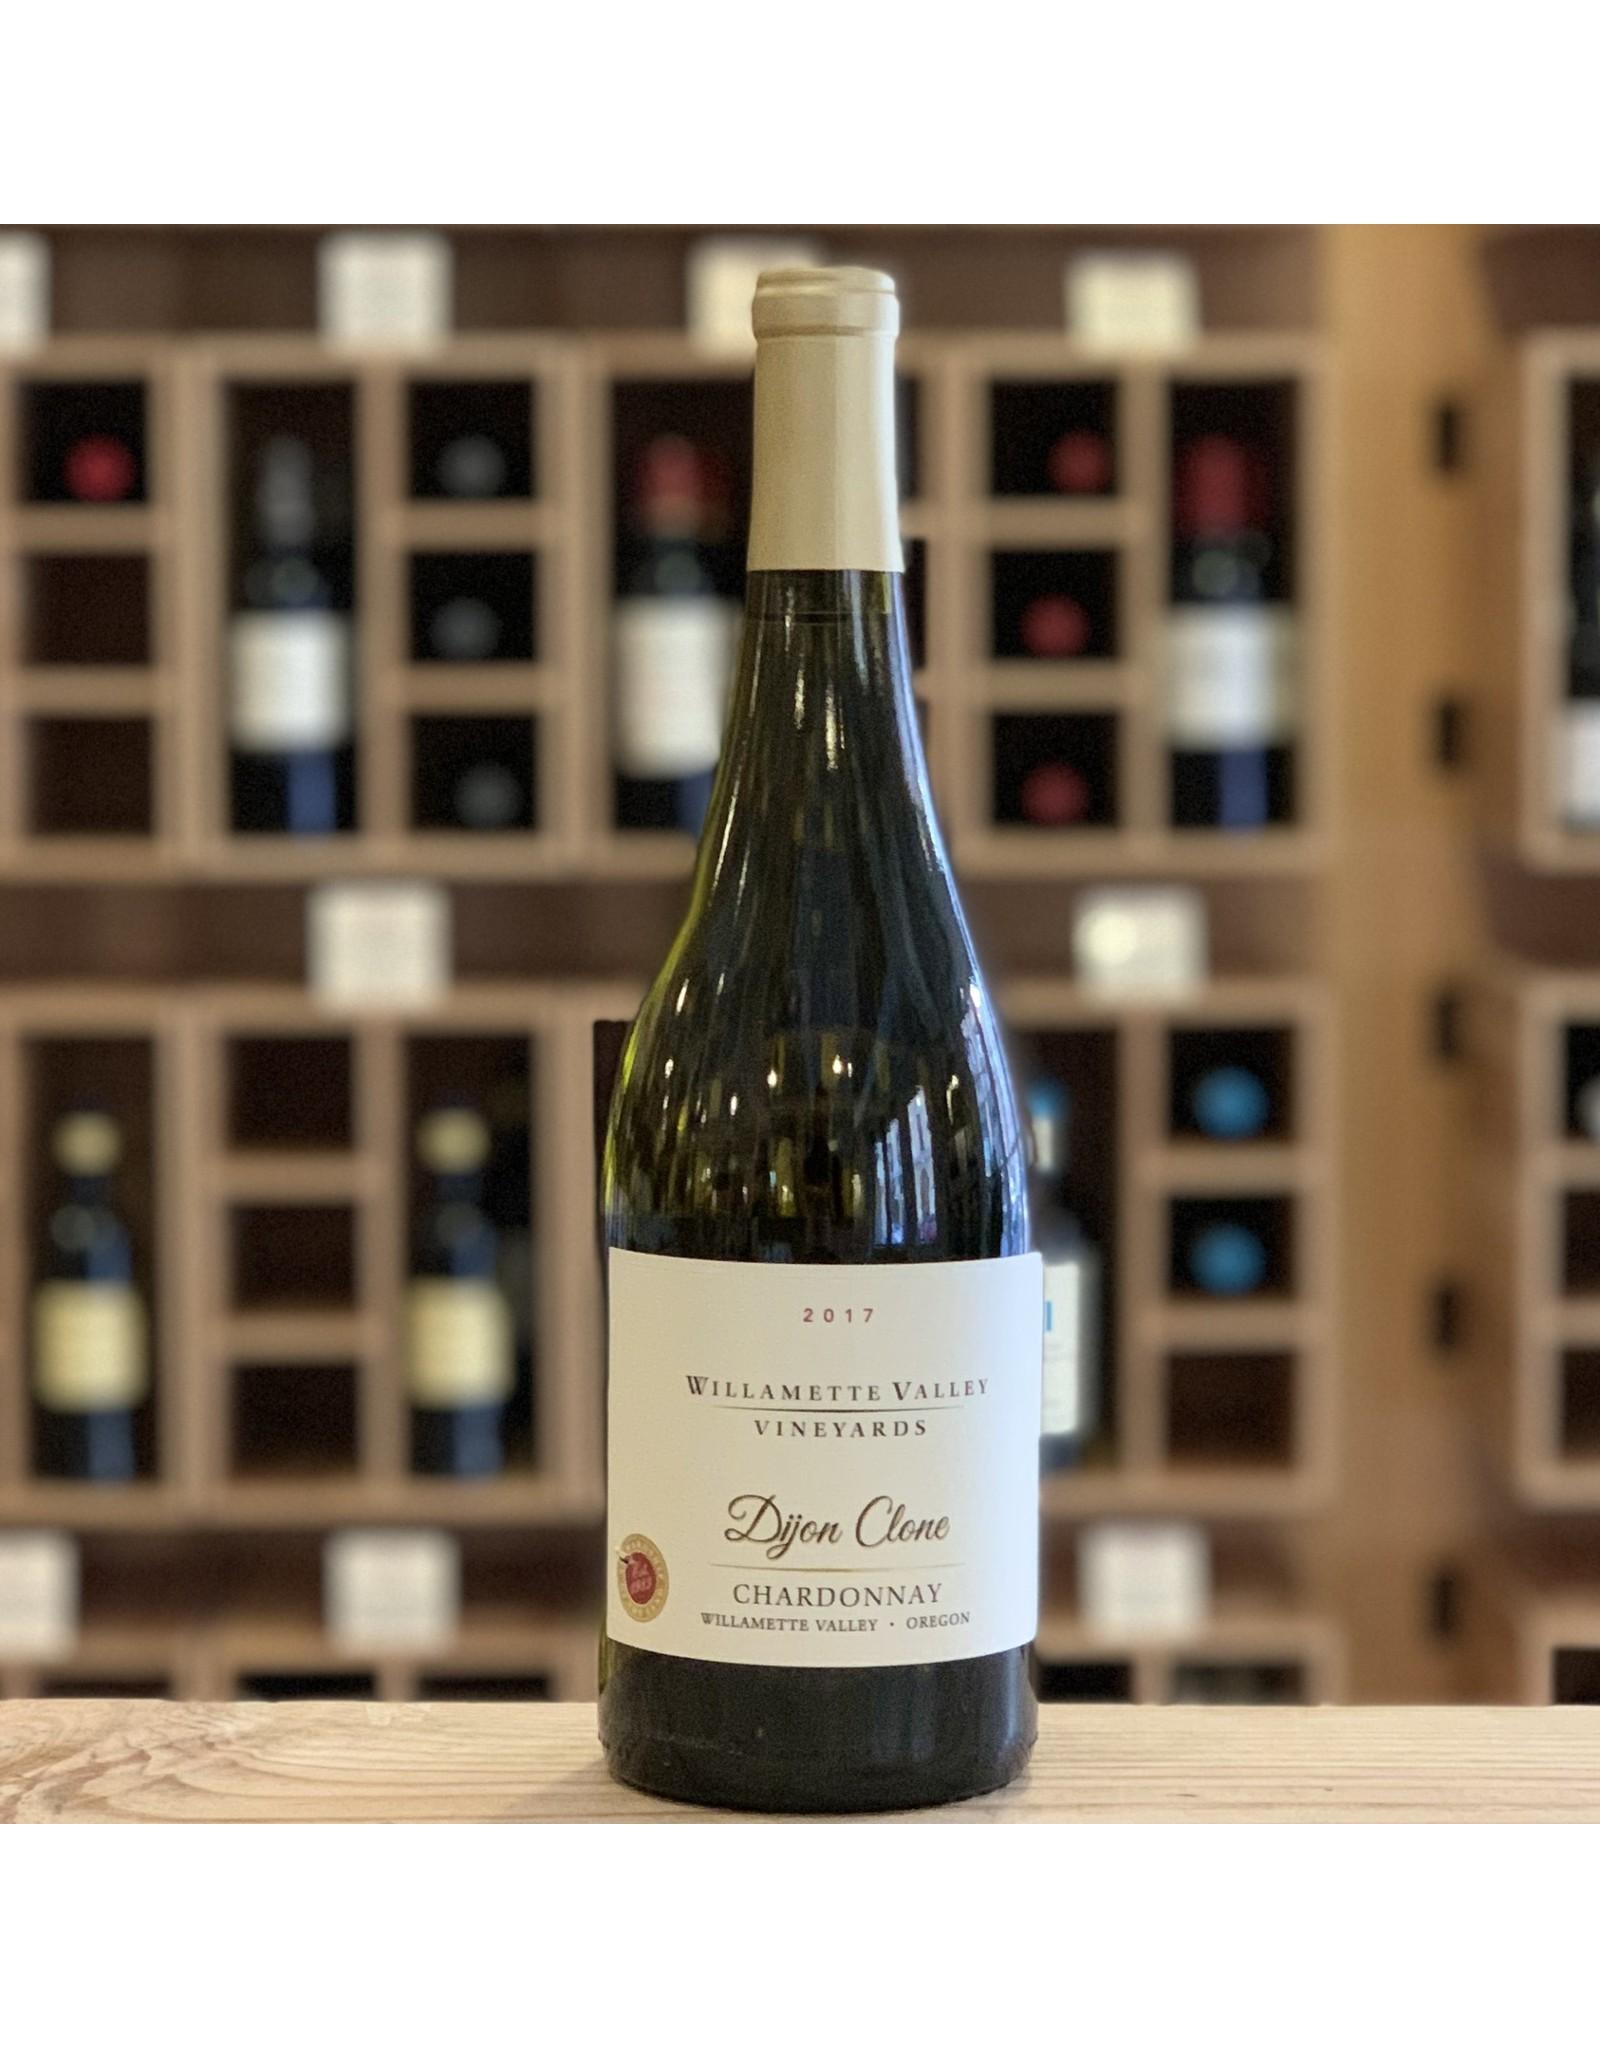 """Willamette Valley Willamette Valley Vineyards """"Dijon Clone"""" Chardonnay 2017 - Willamette Valley, Oregon"""